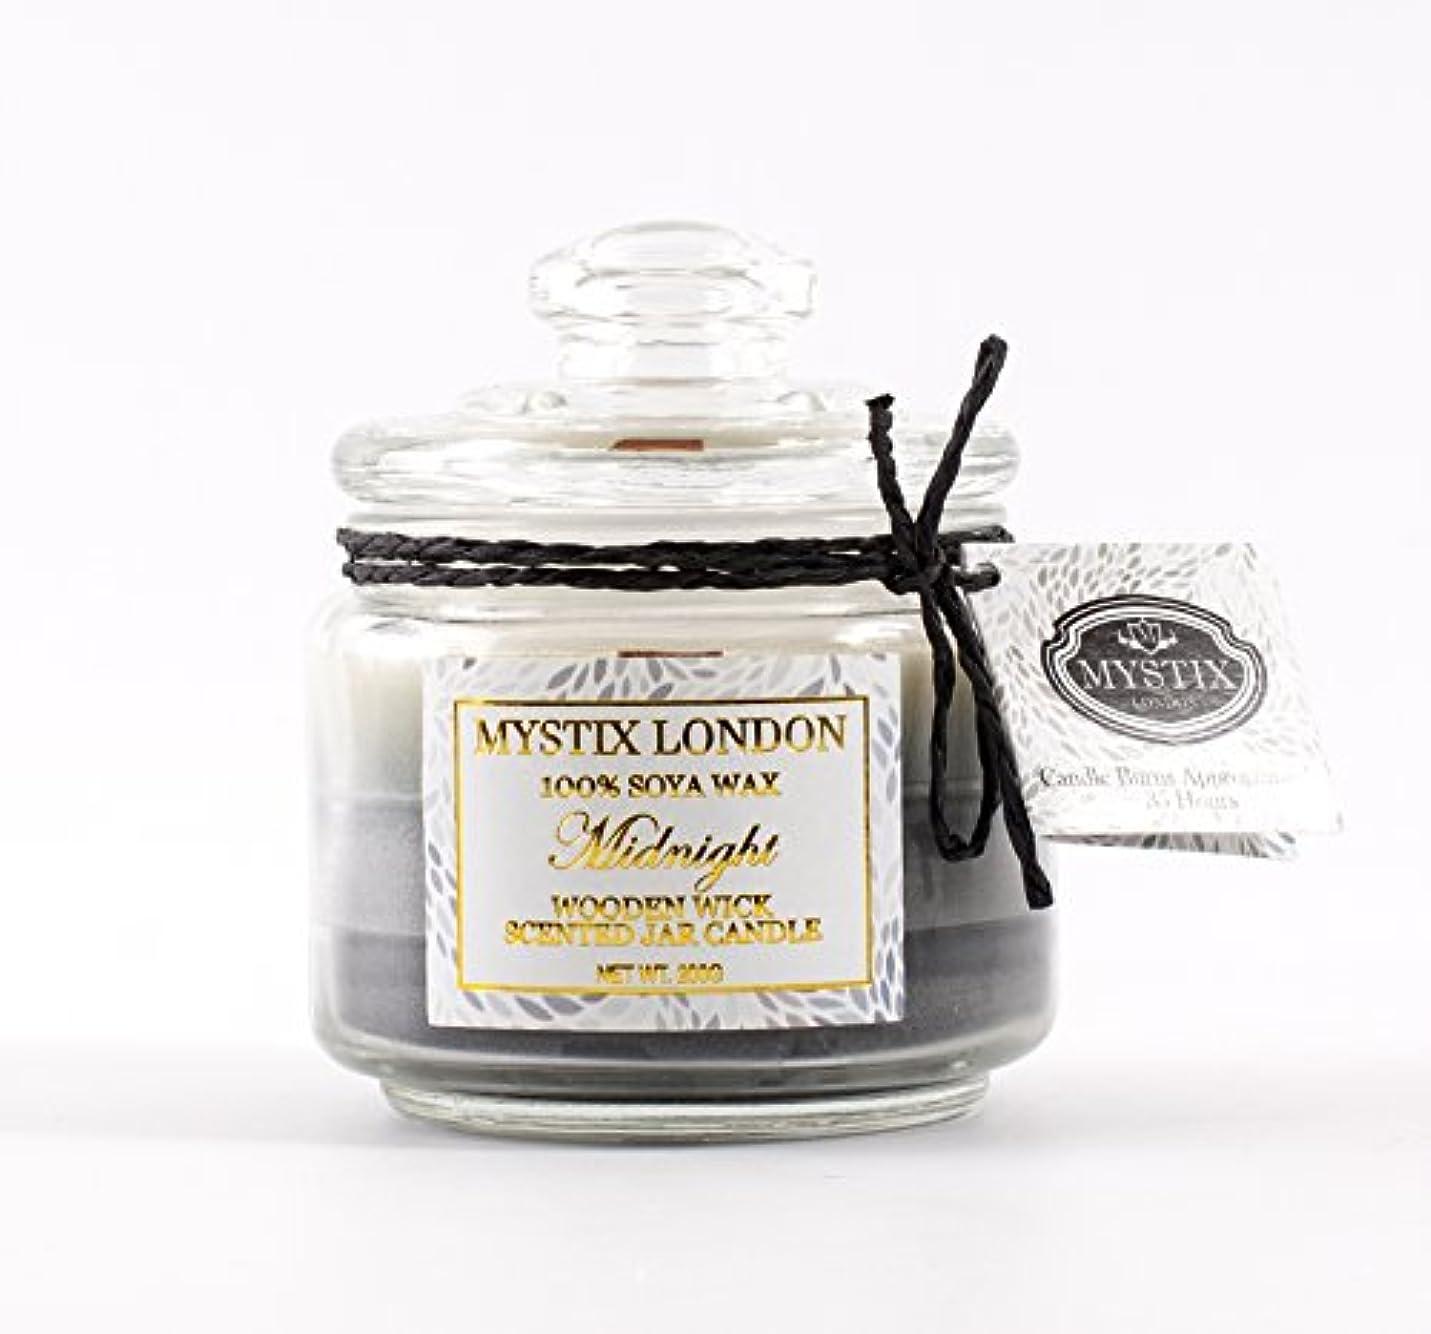 ラジエーター粗いおとこMystix London | Midnight Wooden Wick Scented Jar Candle 200g